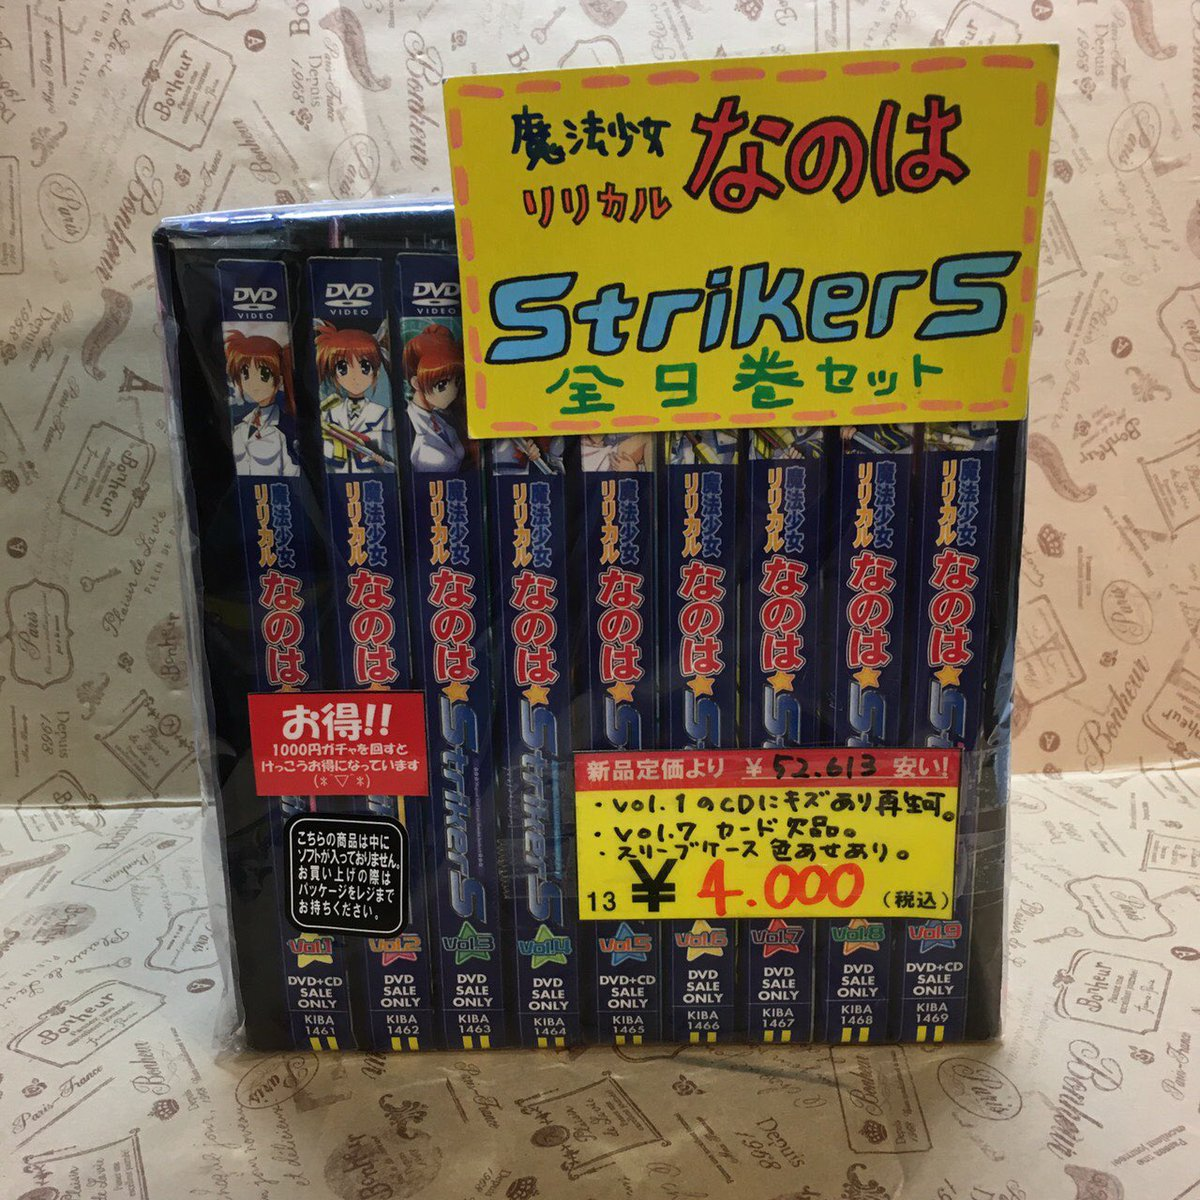 入荷情報〜!!○魔法少女リリカルなのは Strikers    〈全9巻セット〉¥4.000(税込)!○心が叫びたがって